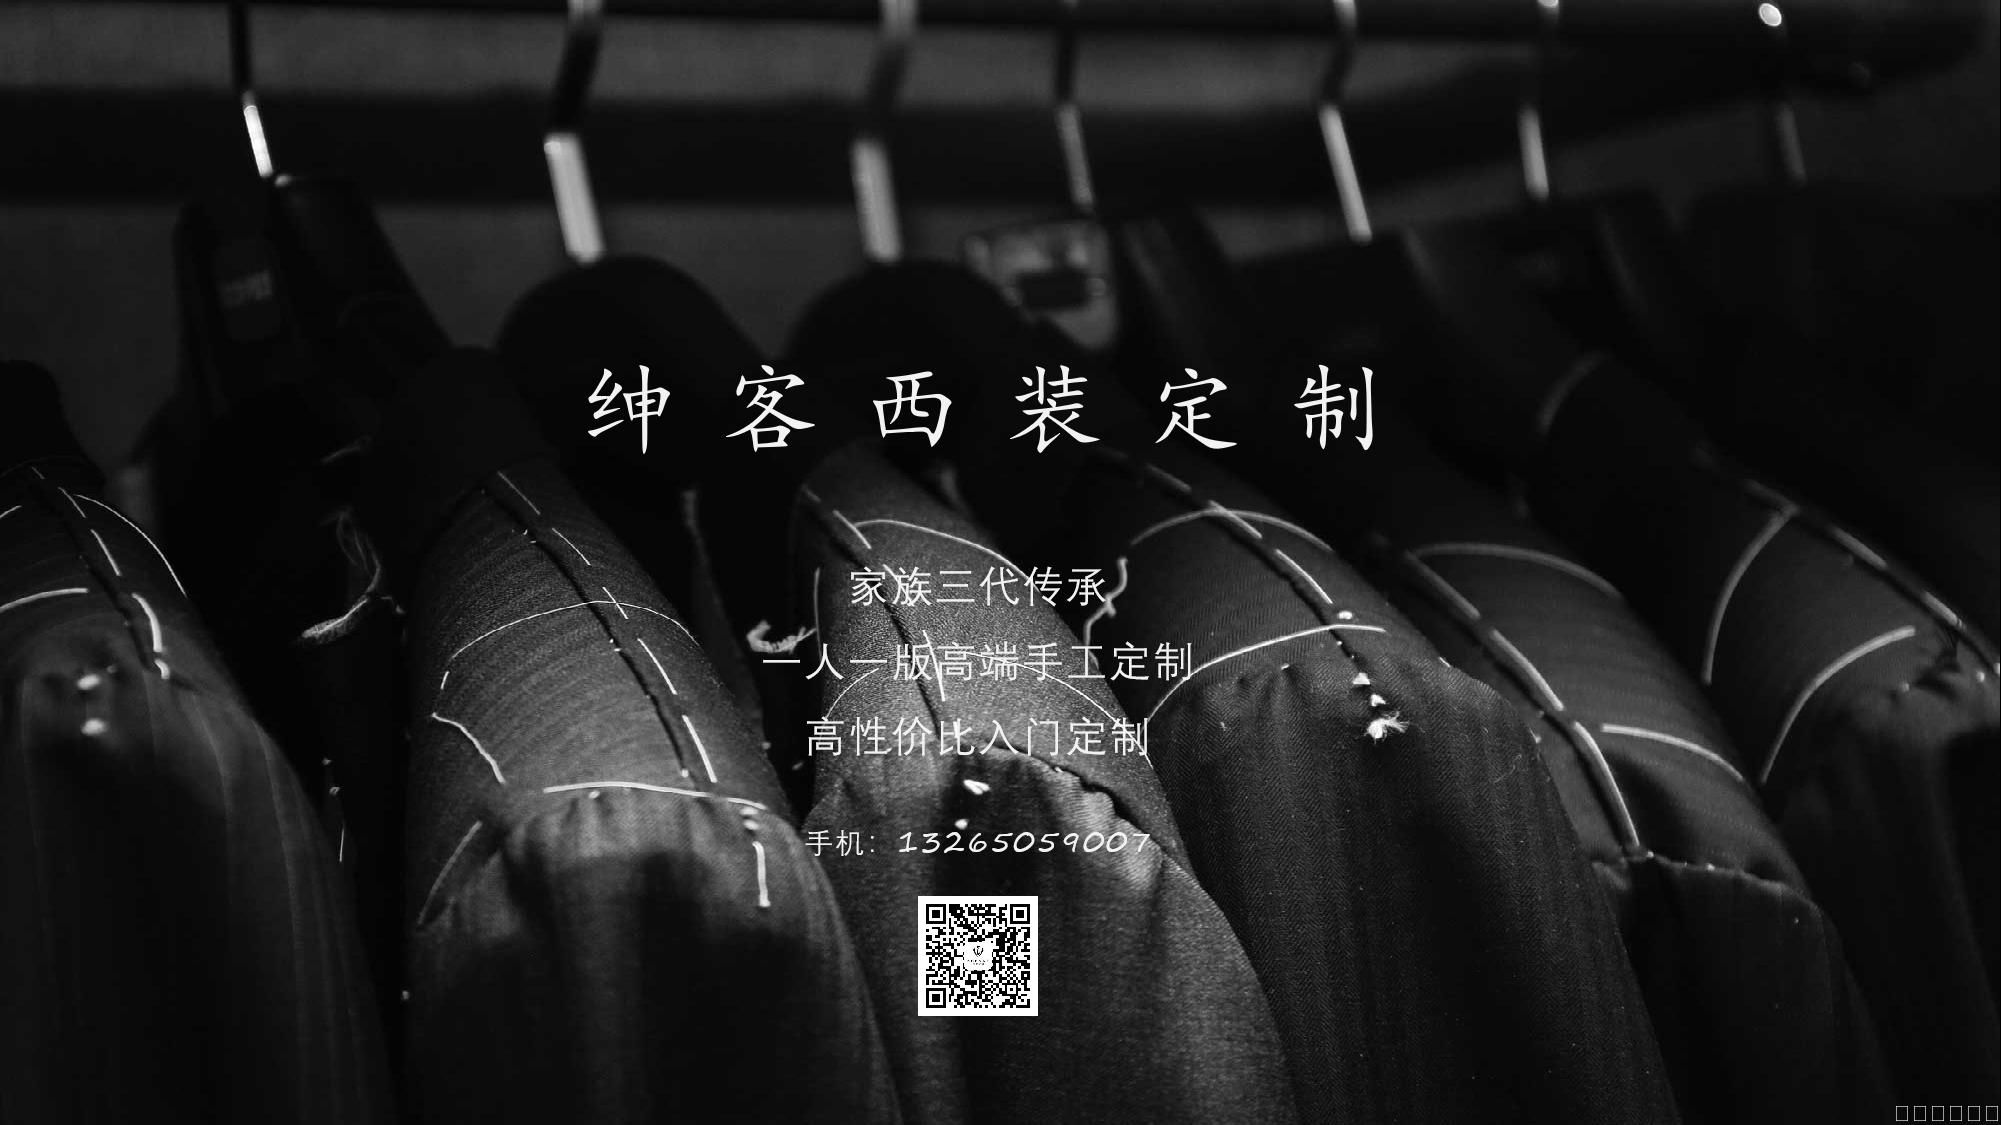 绅客定制-广州佛山上门量体_高端手工西装衬衫定制店_结婚礼服商务西服定制